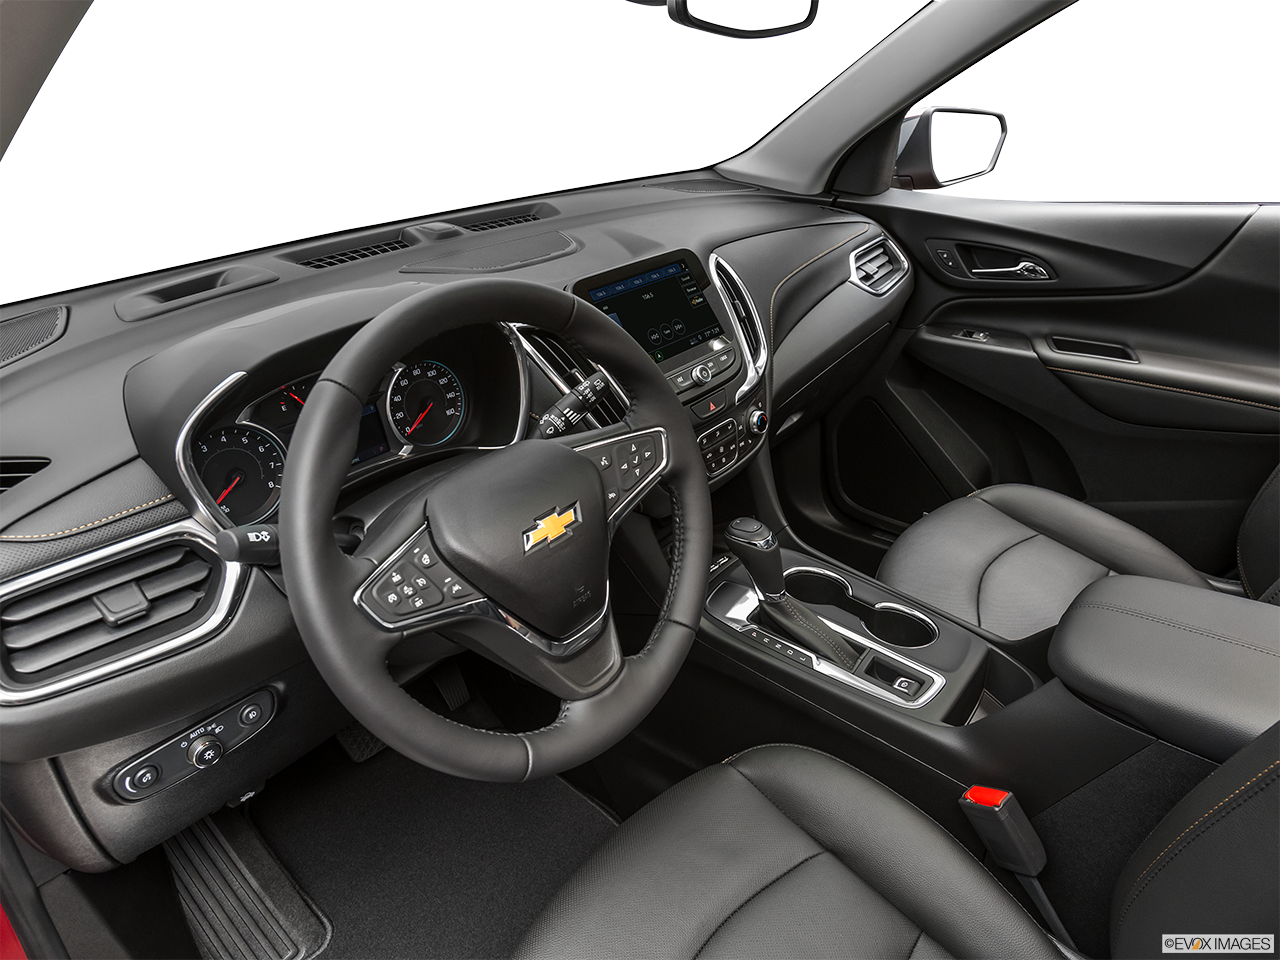 2019 Chevrolet Equinox photo